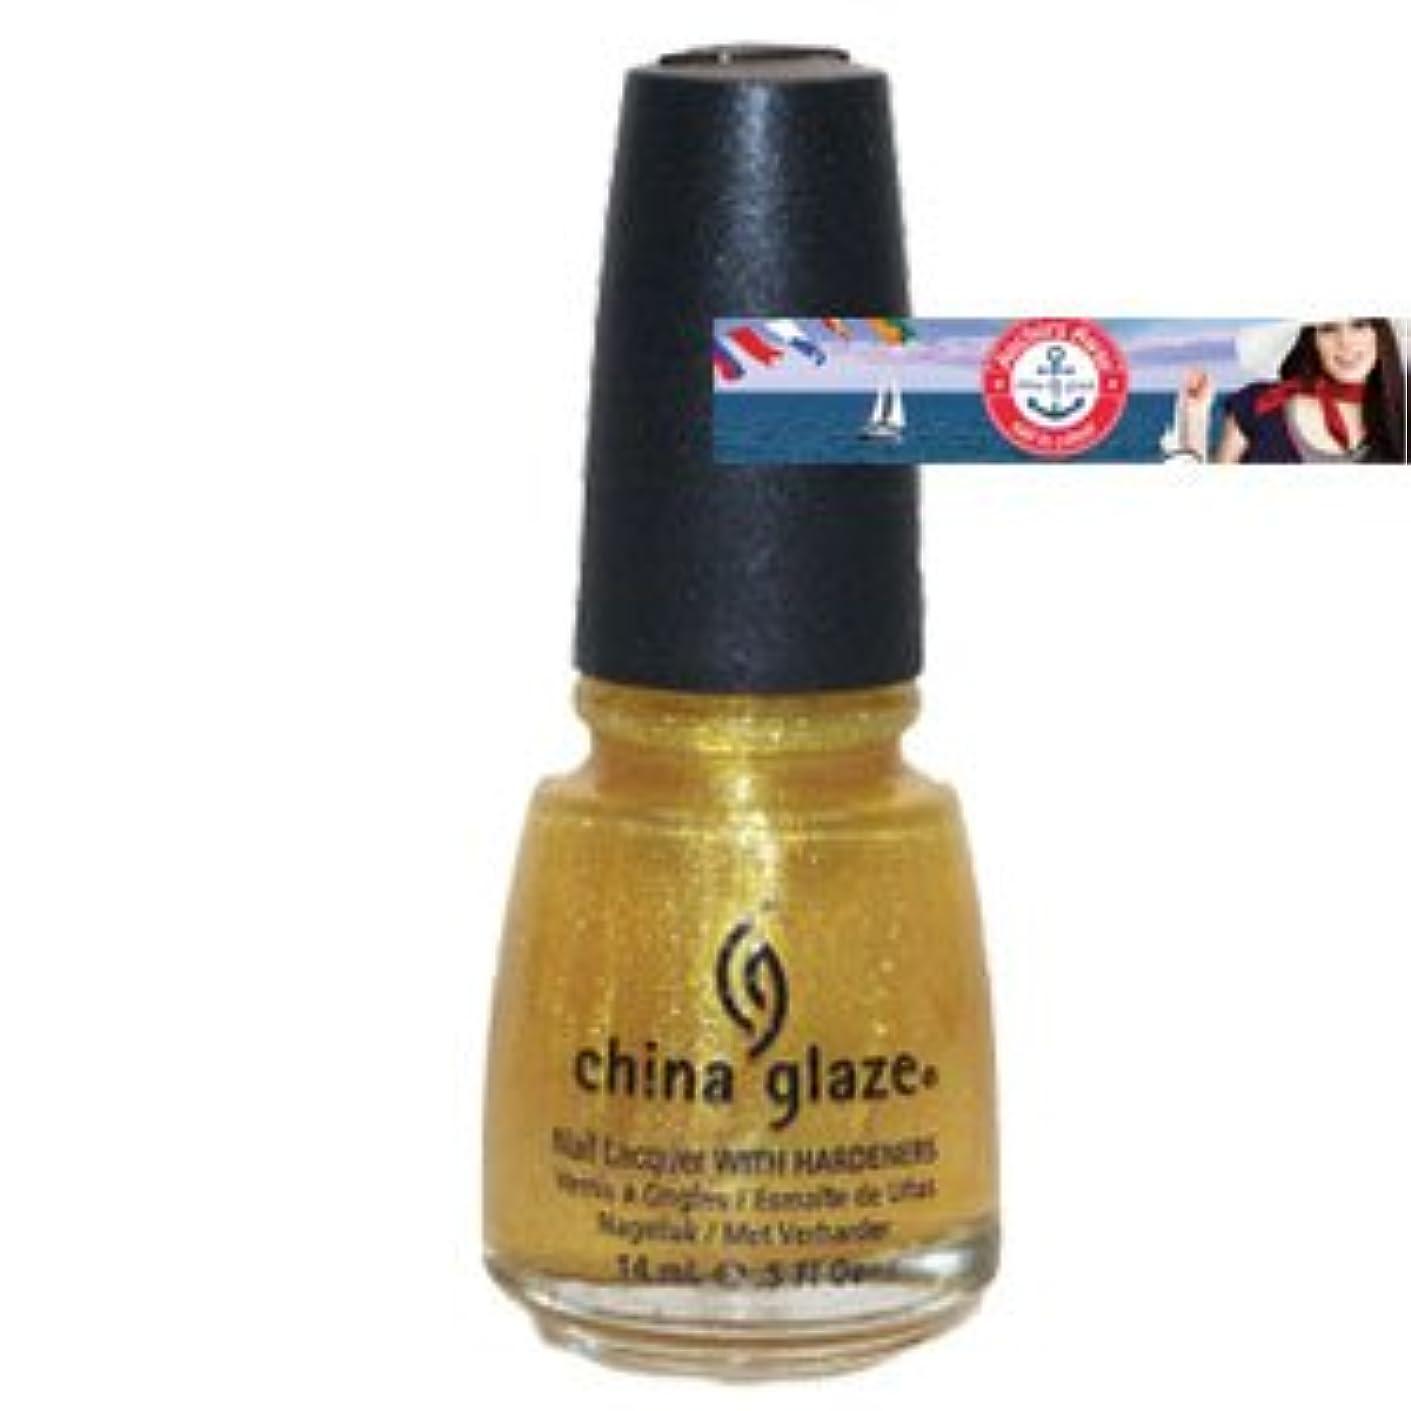 海藻反論者悲観主義者(チャイナグレイズ)China Glaze Anchors Away Collection?Lighthouse [海外直送品][並行輸入品]